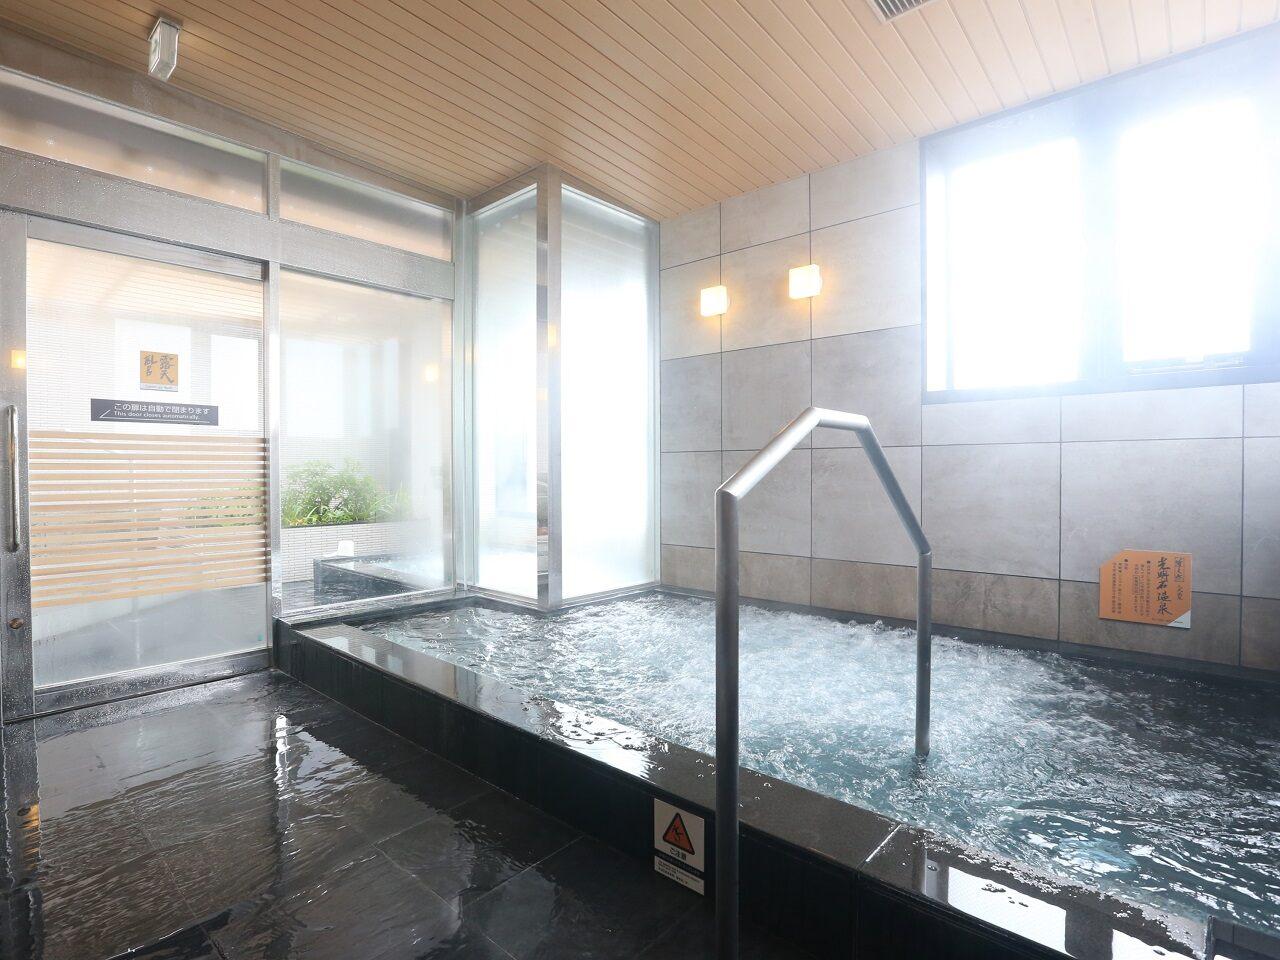 温泉洗浴室装修效果图